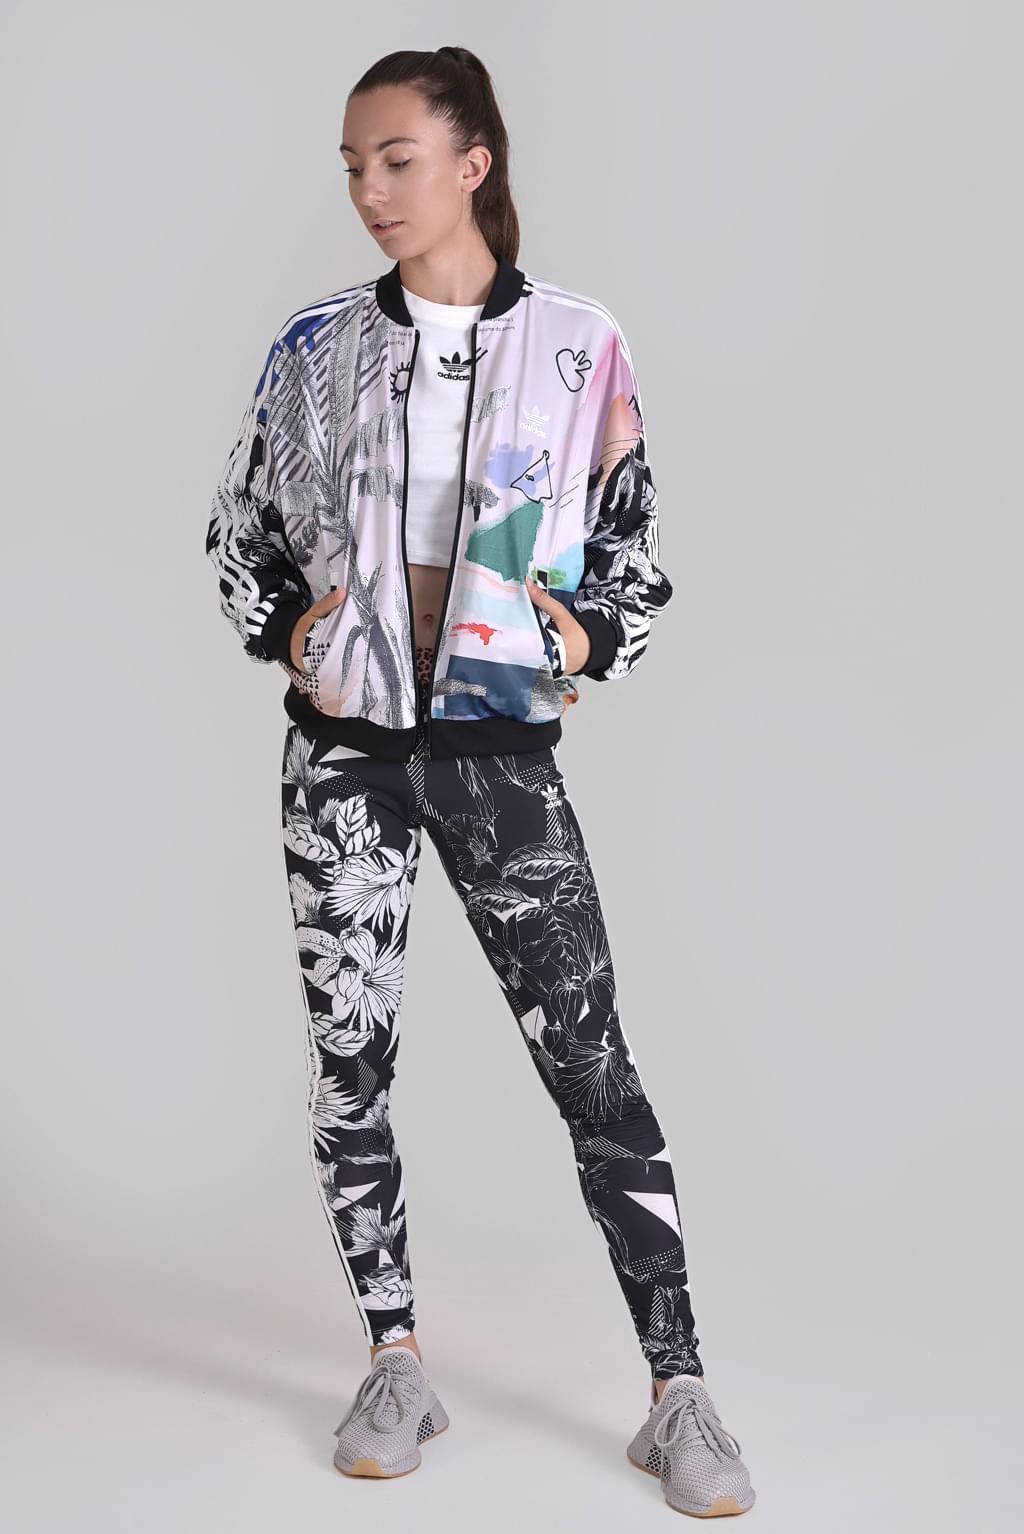 586a90f17556 PlayersFashion.hu - Adidas ORIGINALS női pulóver - ADIDAS ORIGINALS ...